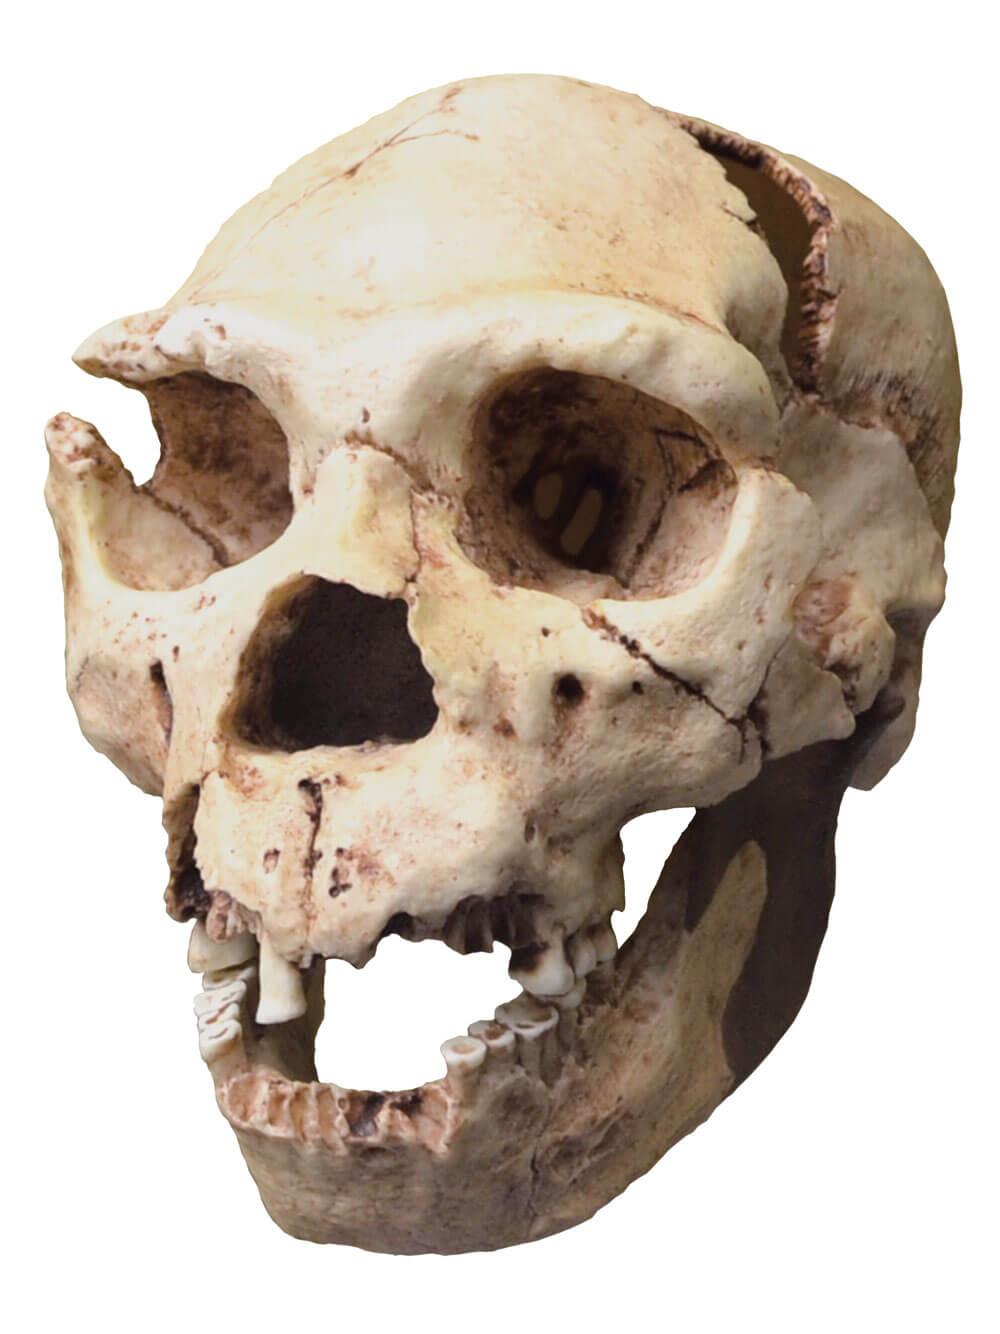 Генетики изучают тайны забытой истории неандертальцев (2 фото)